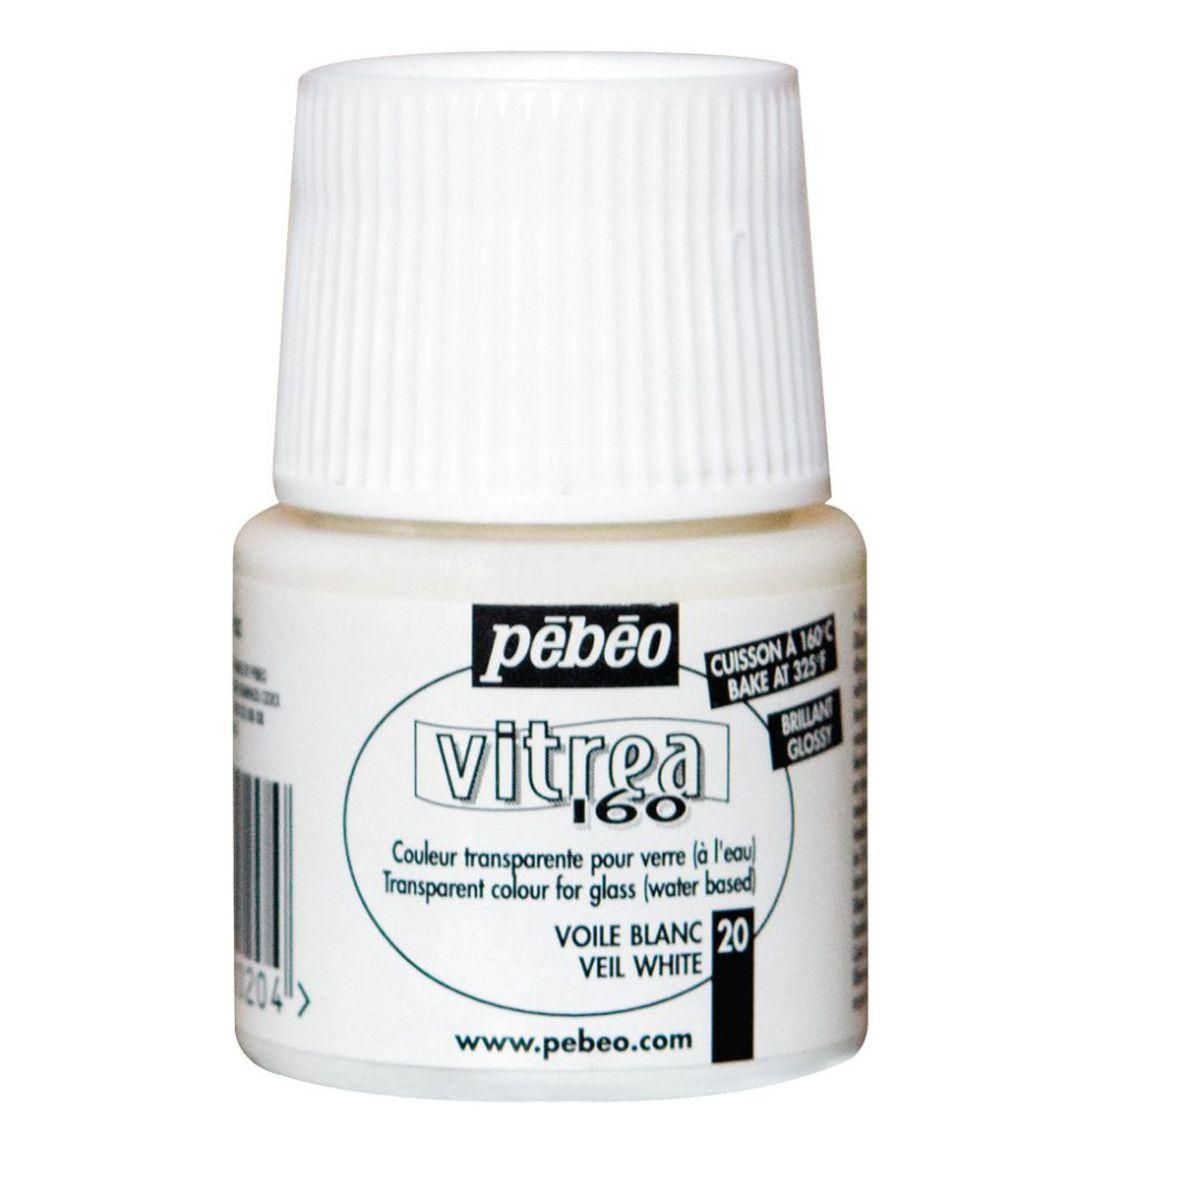 Pebeo Vitrea 160 Paint 45 Ml Bottle Veil White 20